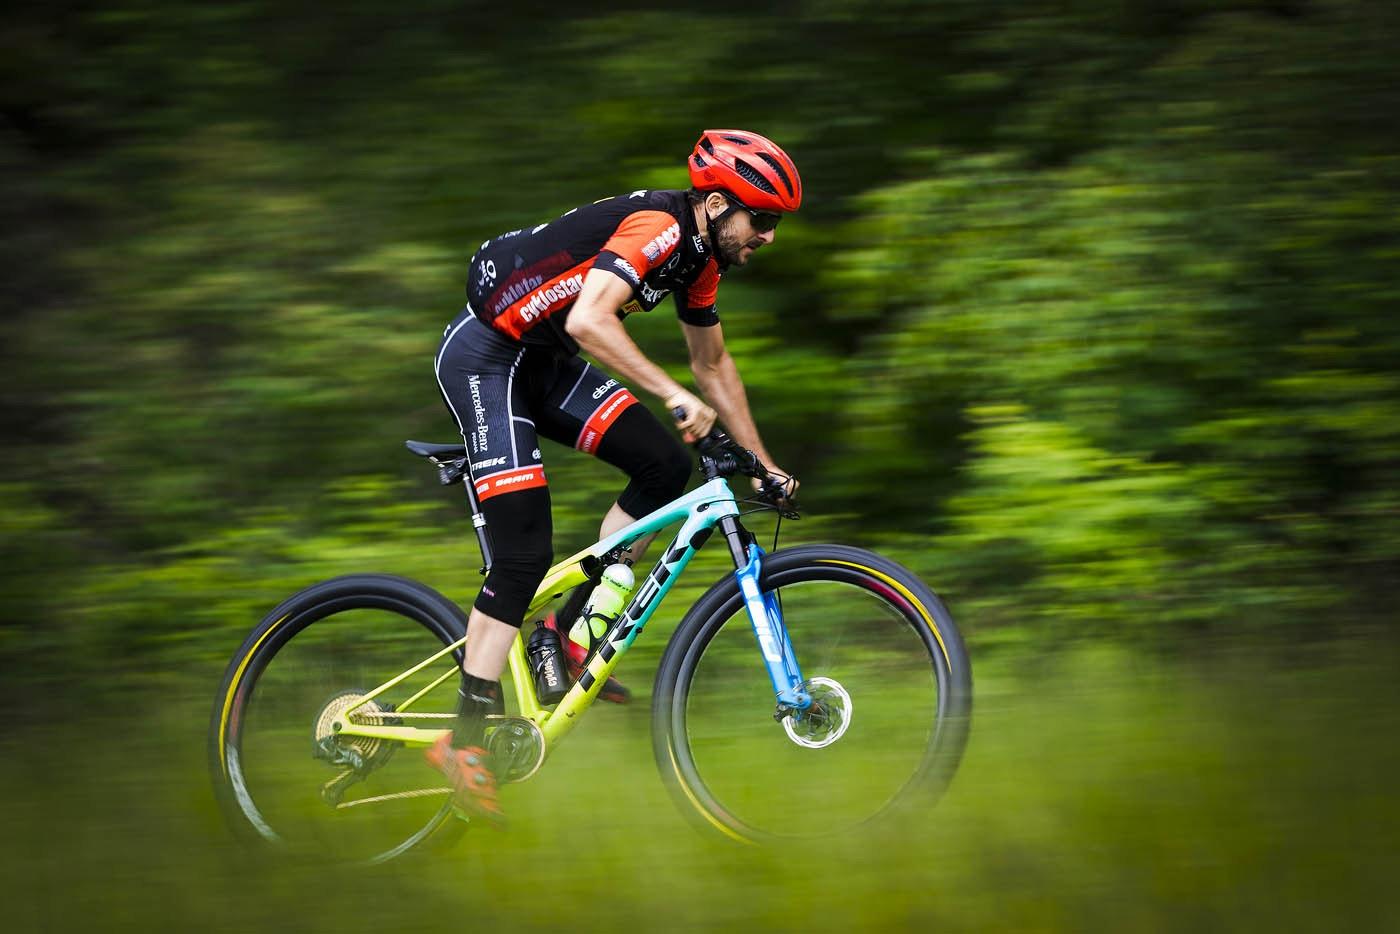 Český biker Jan Škarnitzl sní o účasti na olympijských hrách v Tokiu 2021. Foto: Miloš Lubas